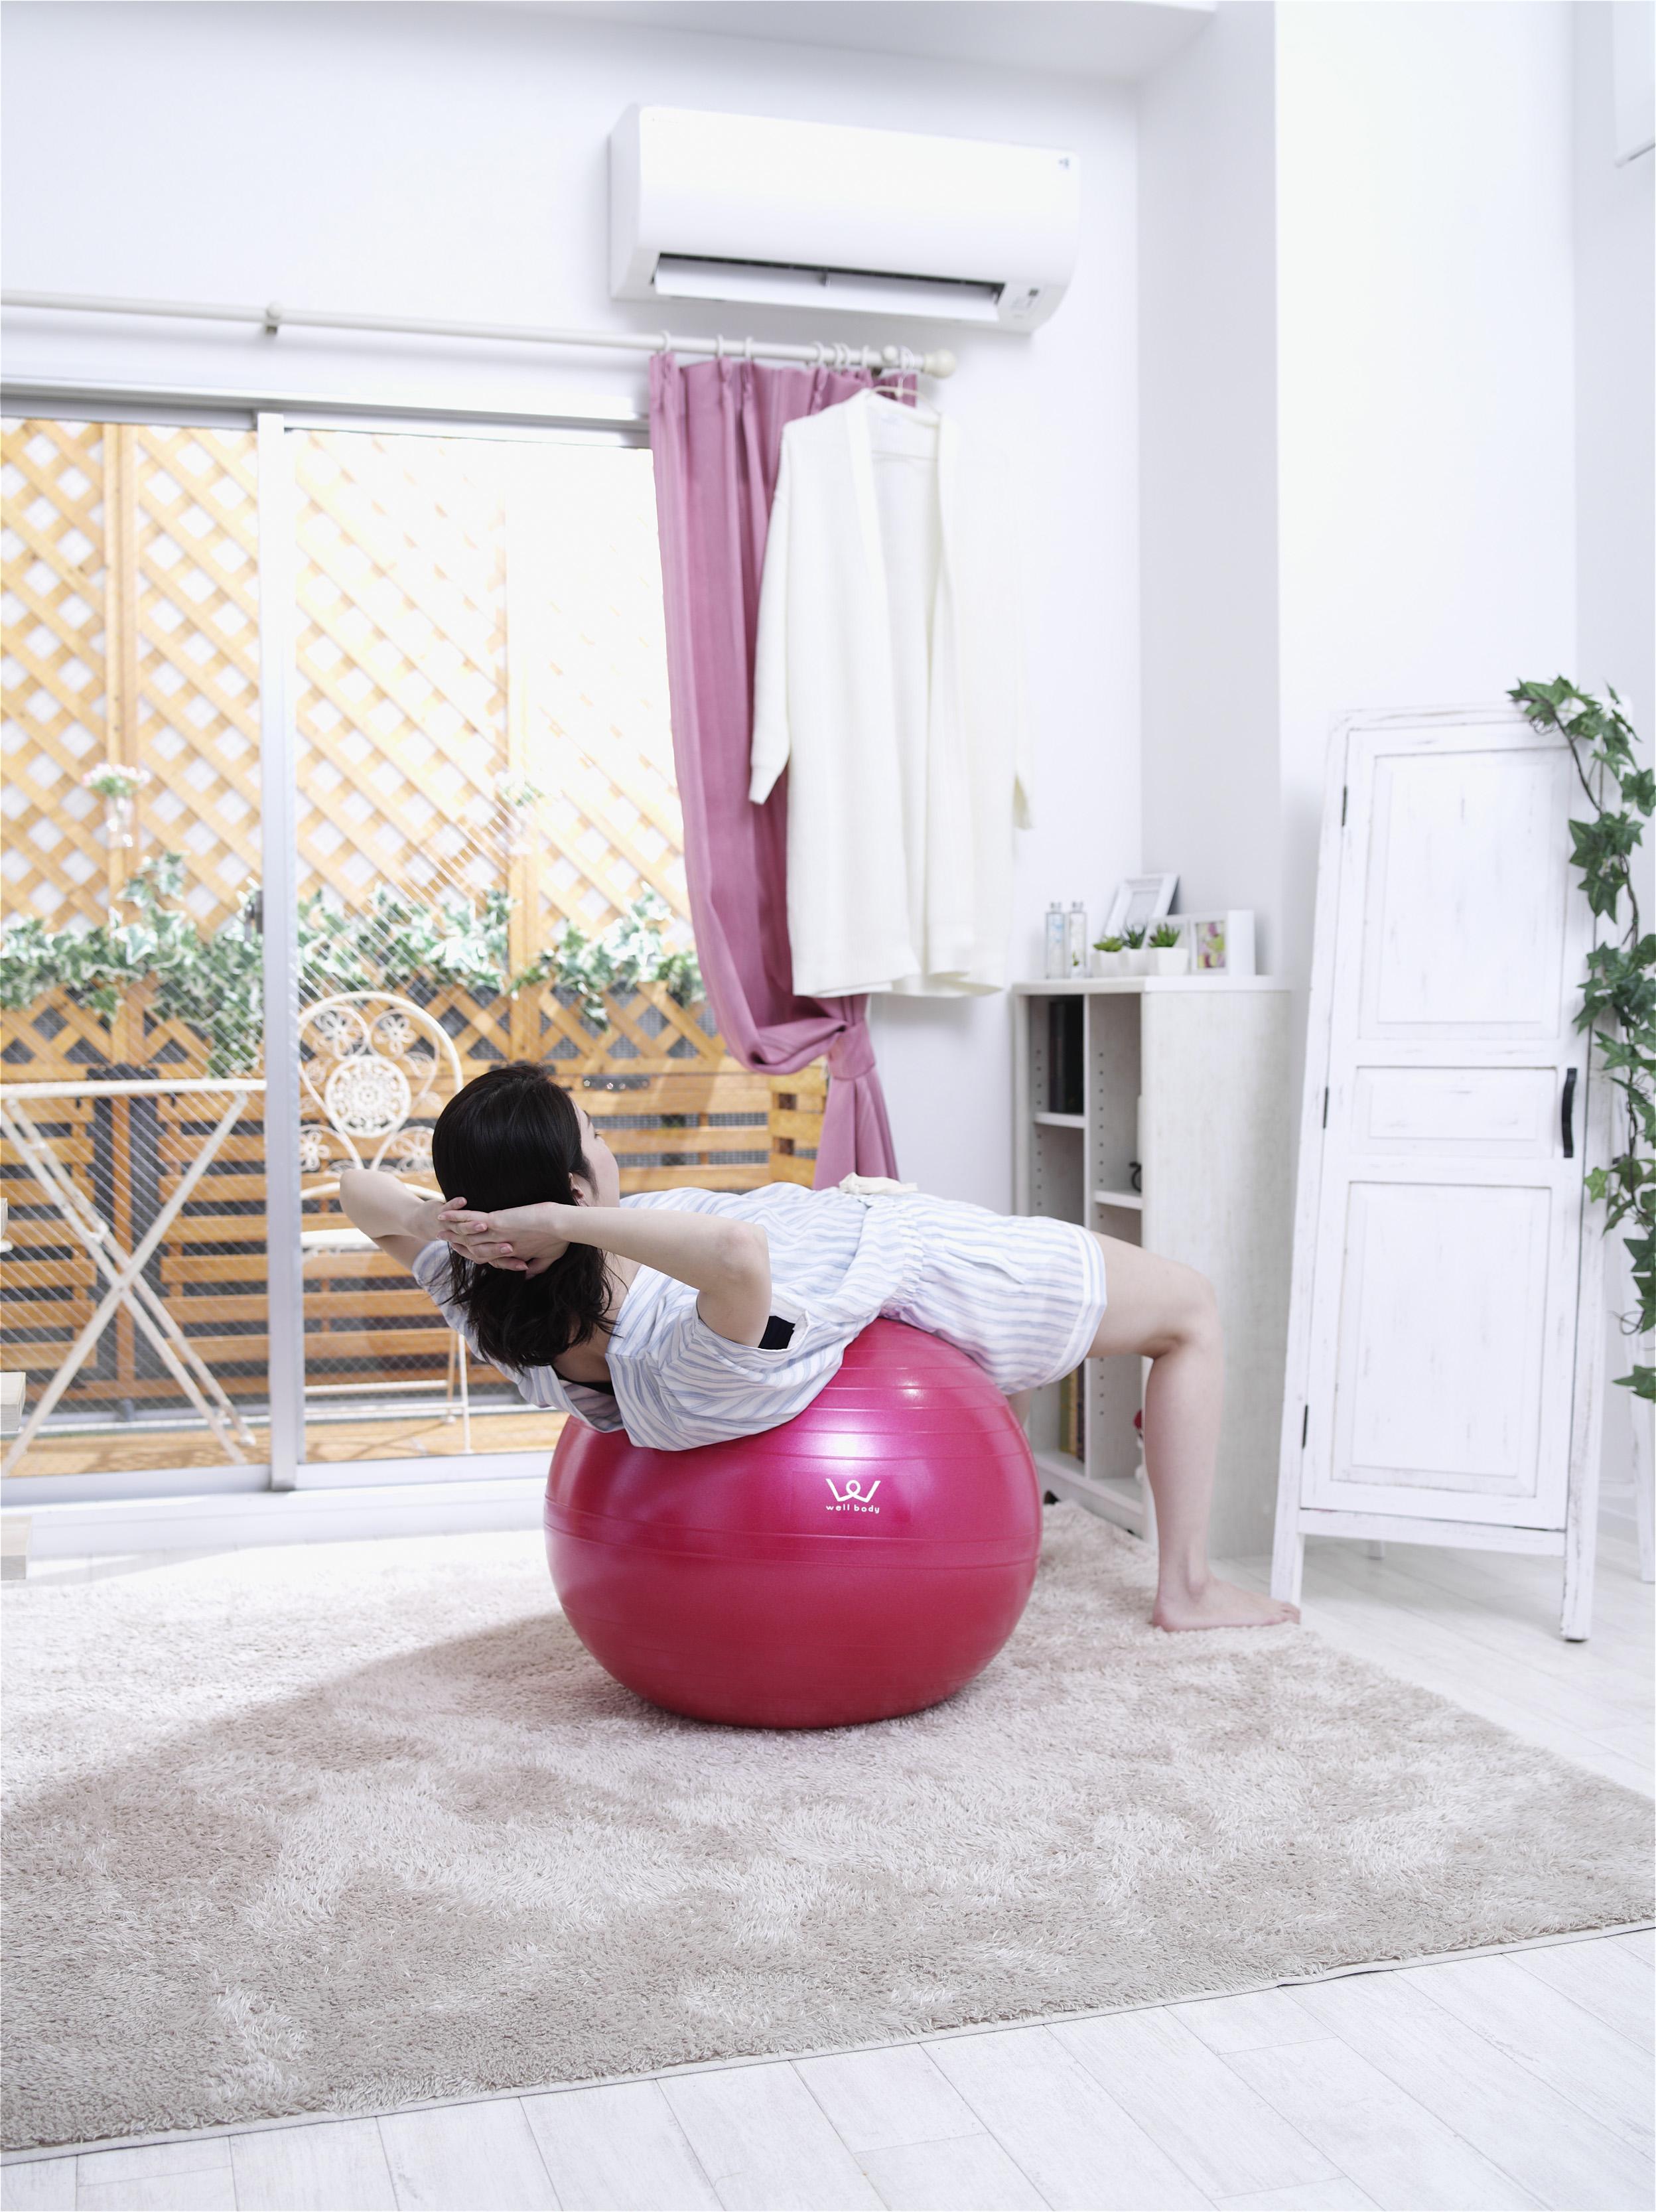 【アルインコ】エクササイズボール 55cm 球径約55cm ピンク